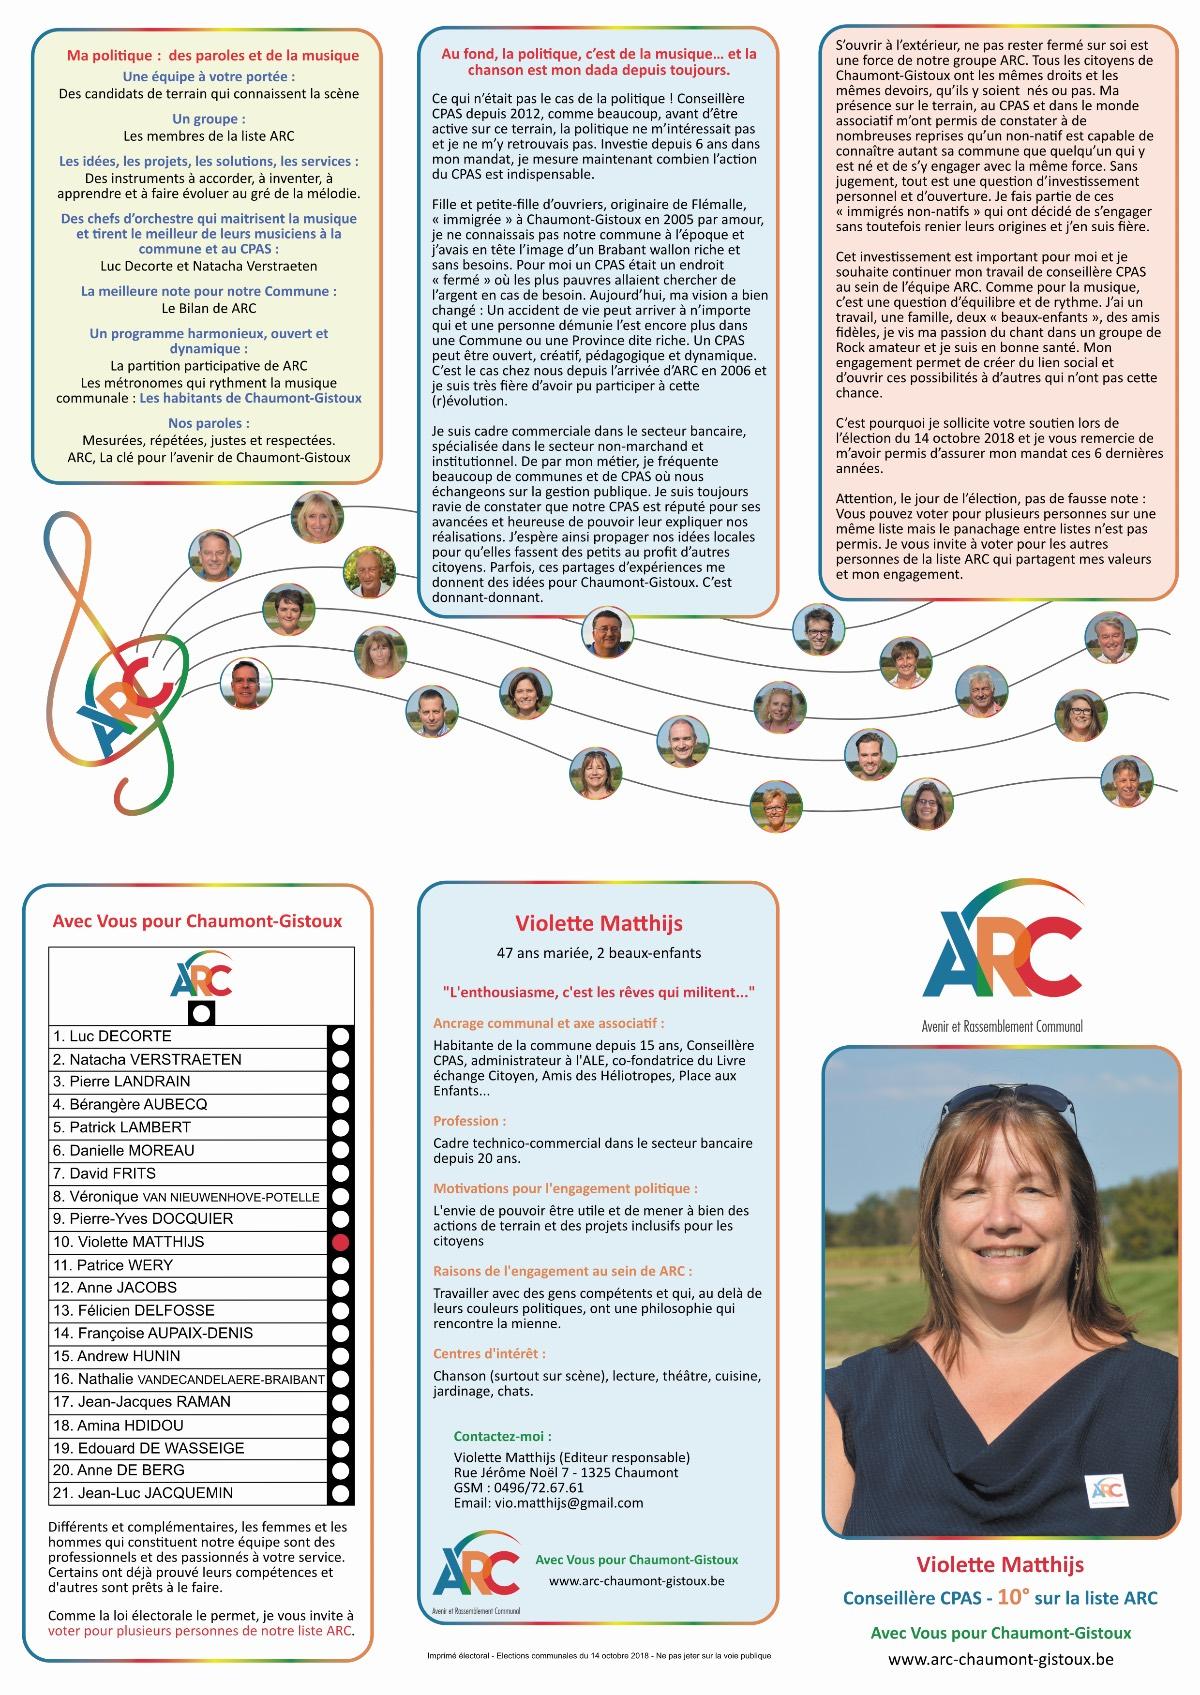 Téléchargez le tract personnel de Violette MATTHIJS en .pdf (2 MB)